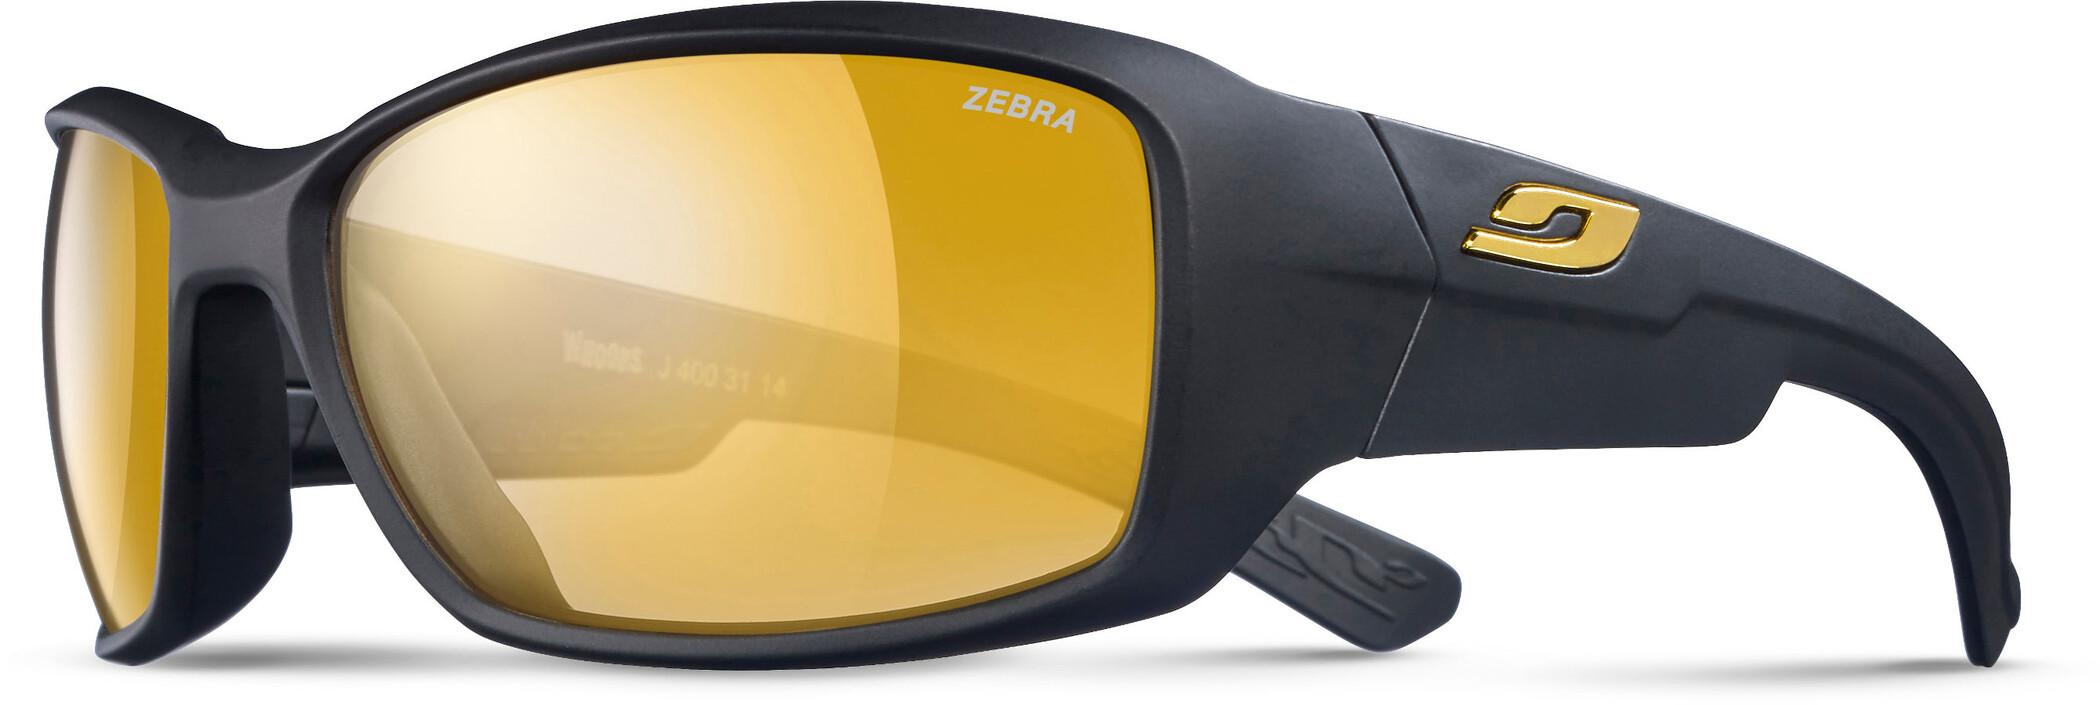 Julbo Whoops Zebra Solbriller, matt black-yellow/brown (2020) | Glasses